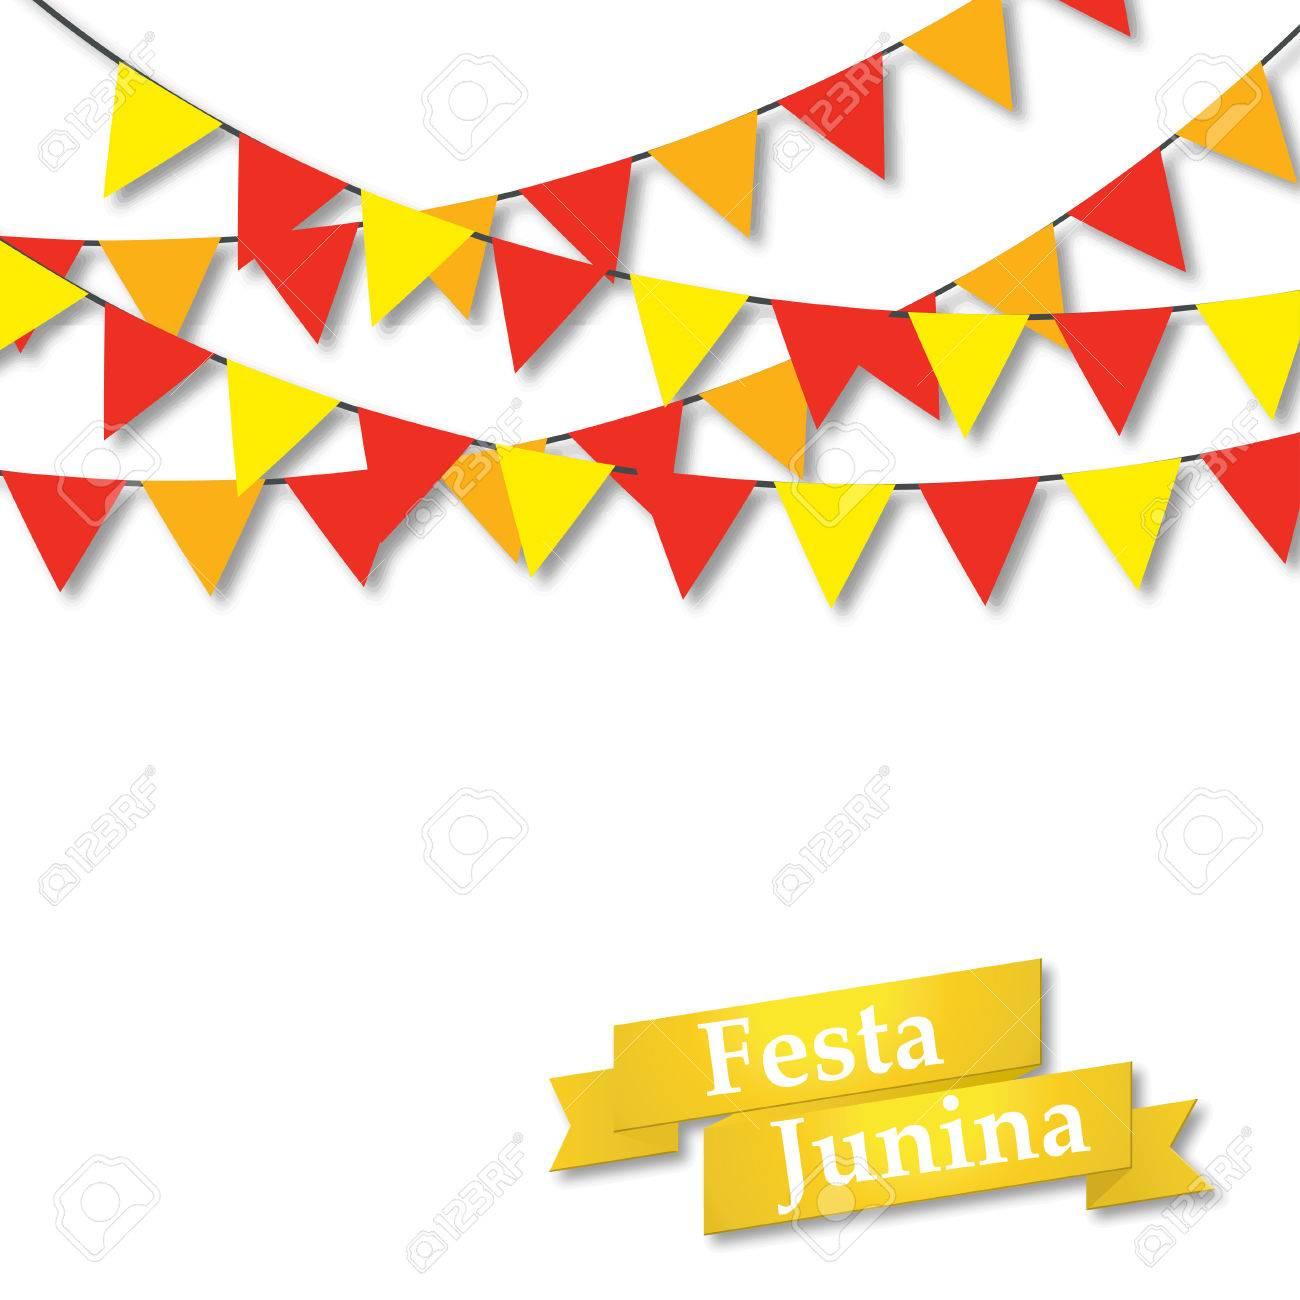 festa junina illustration midsummer holiday vector illustration rh 123rf com holiday vectors free holiday vectors free